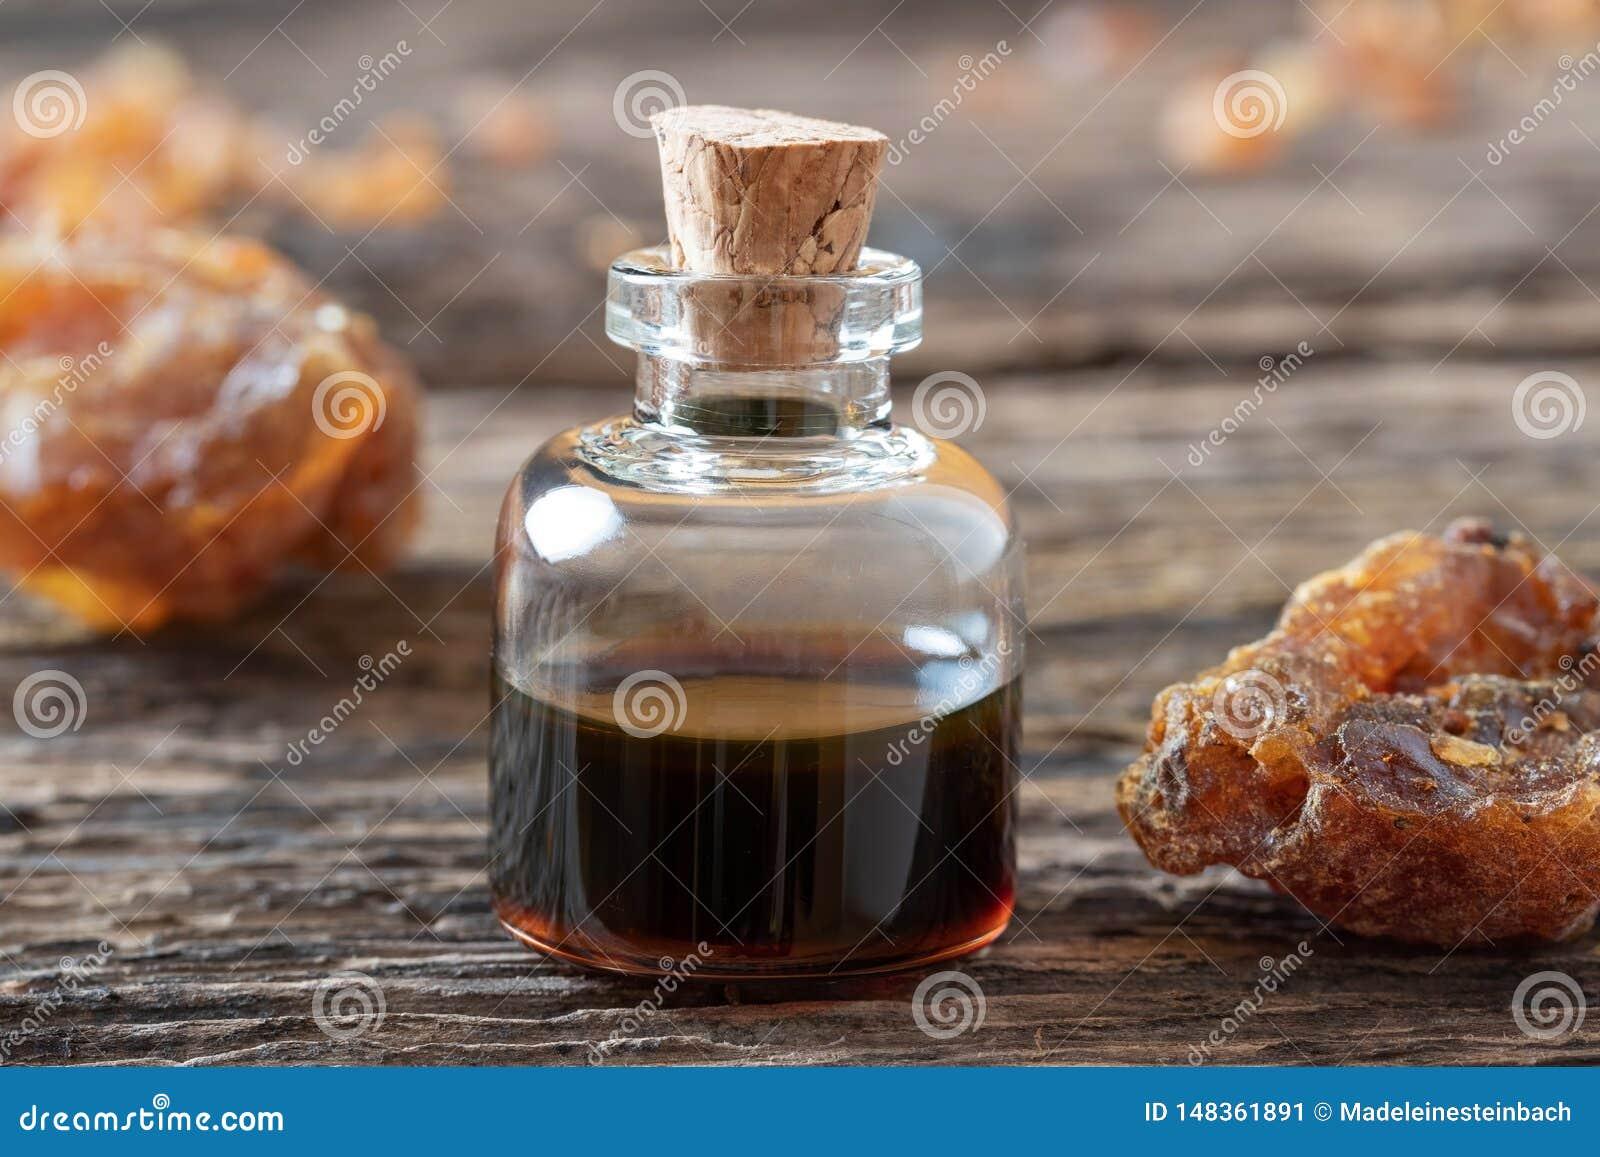 how to make myrrh oil from resin